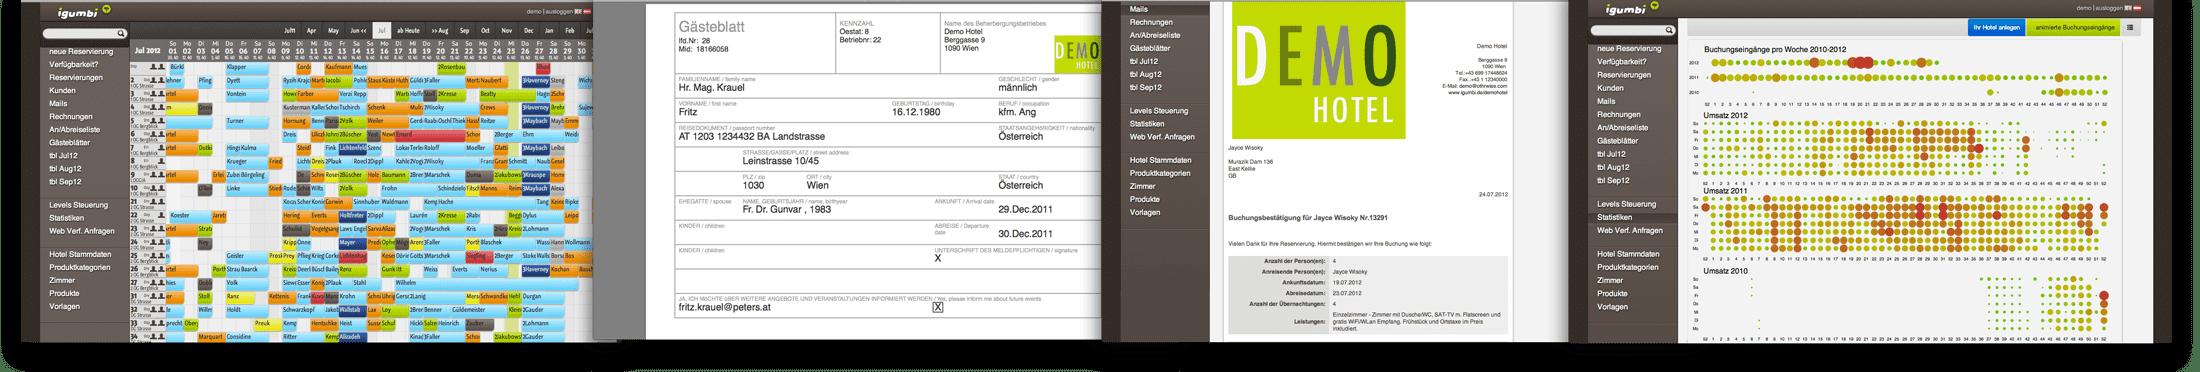 igumbi Hotelsoftware Demo System Übersicht